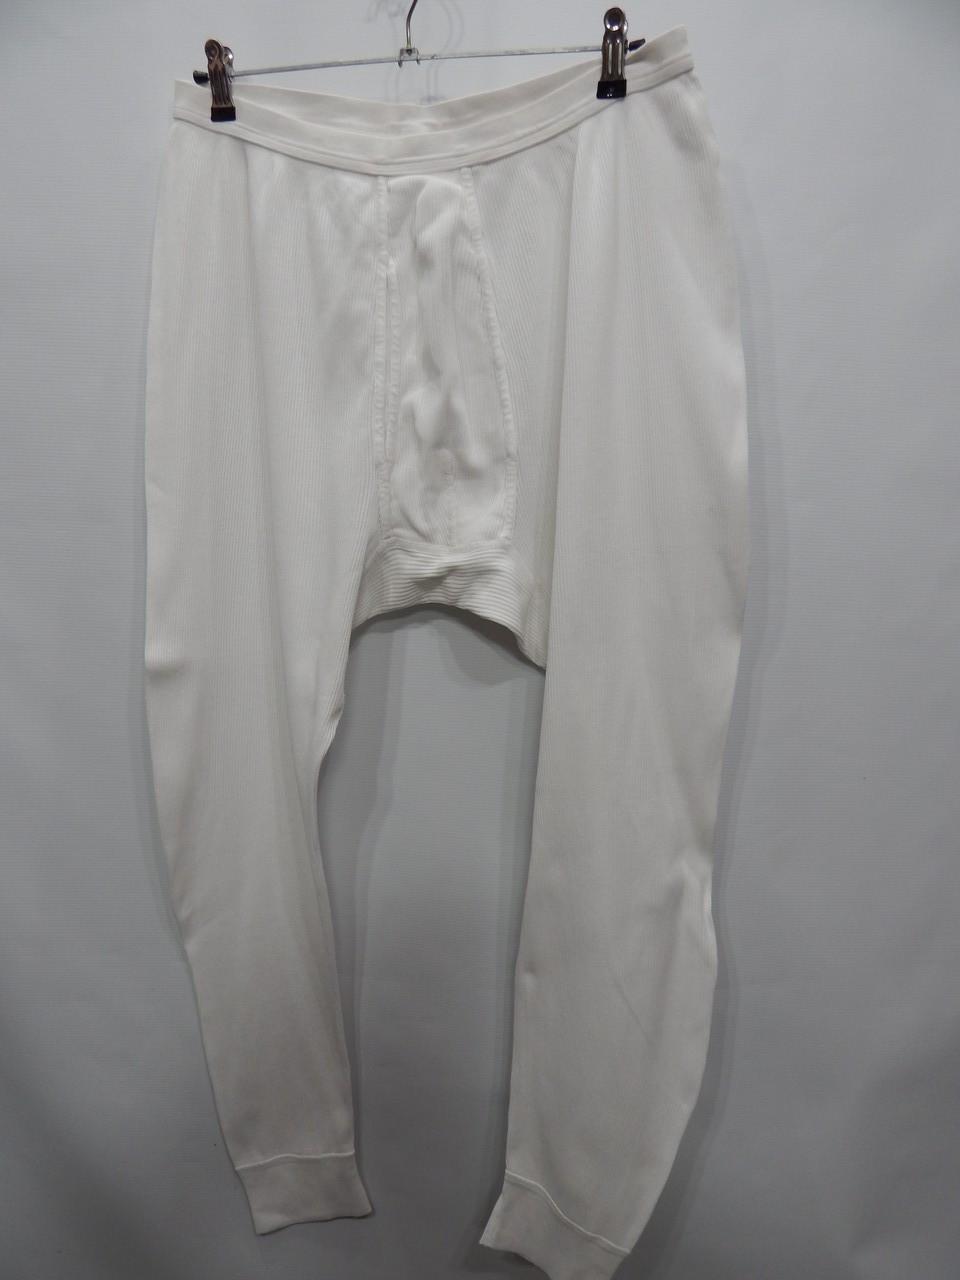 Бельё мужское трикотажное (подштаники, кальсоны) демисезонное с манжетом Ammann р.54-56 037TBM